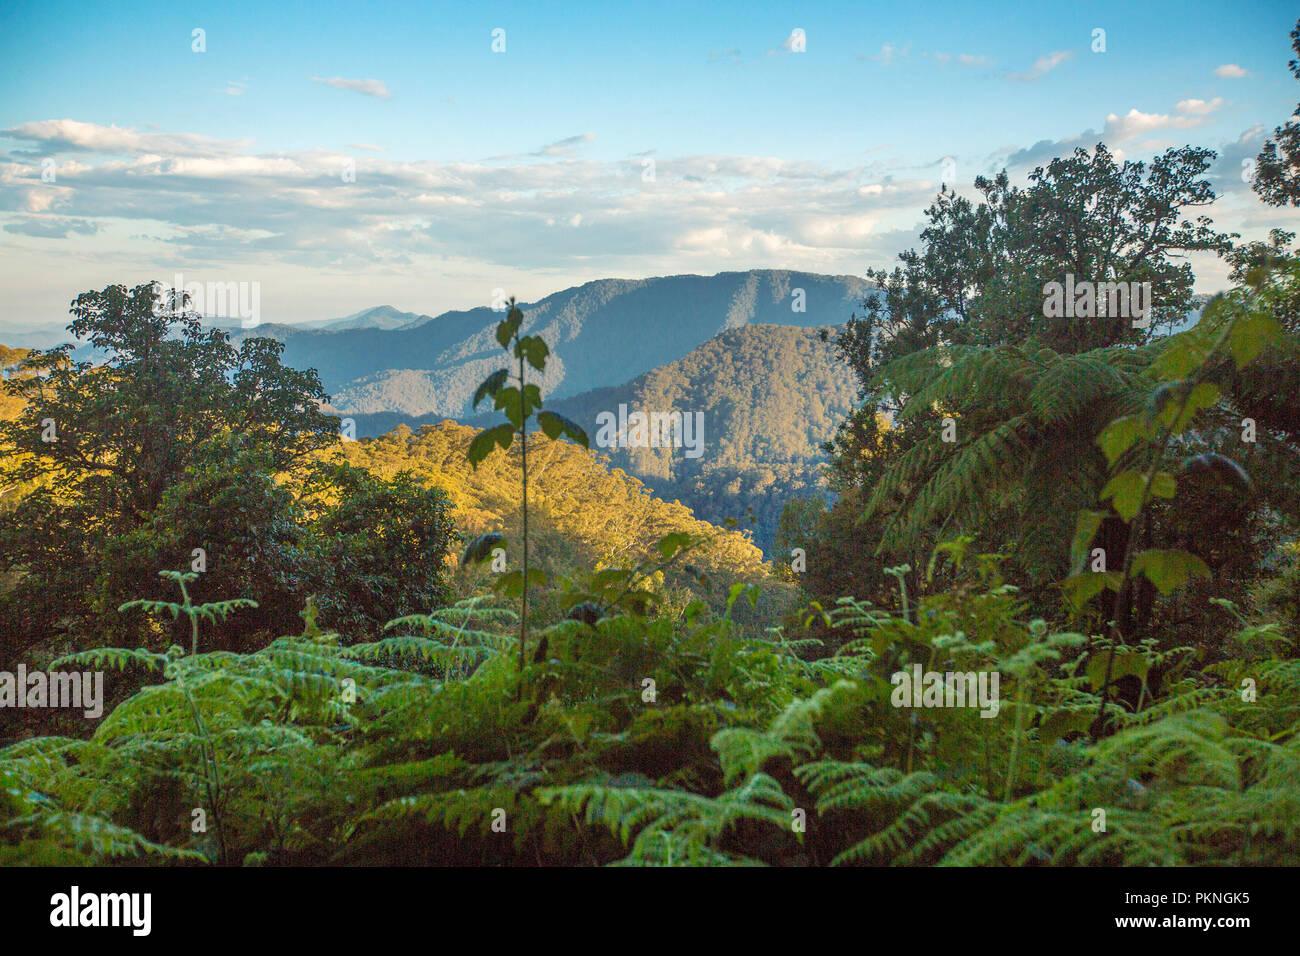 Voir des pentes boisées et de Great Dividing Range s'élevant dans le ciel bleu près de Dorrigo dans le nord du NSW Australie Banque D'Images